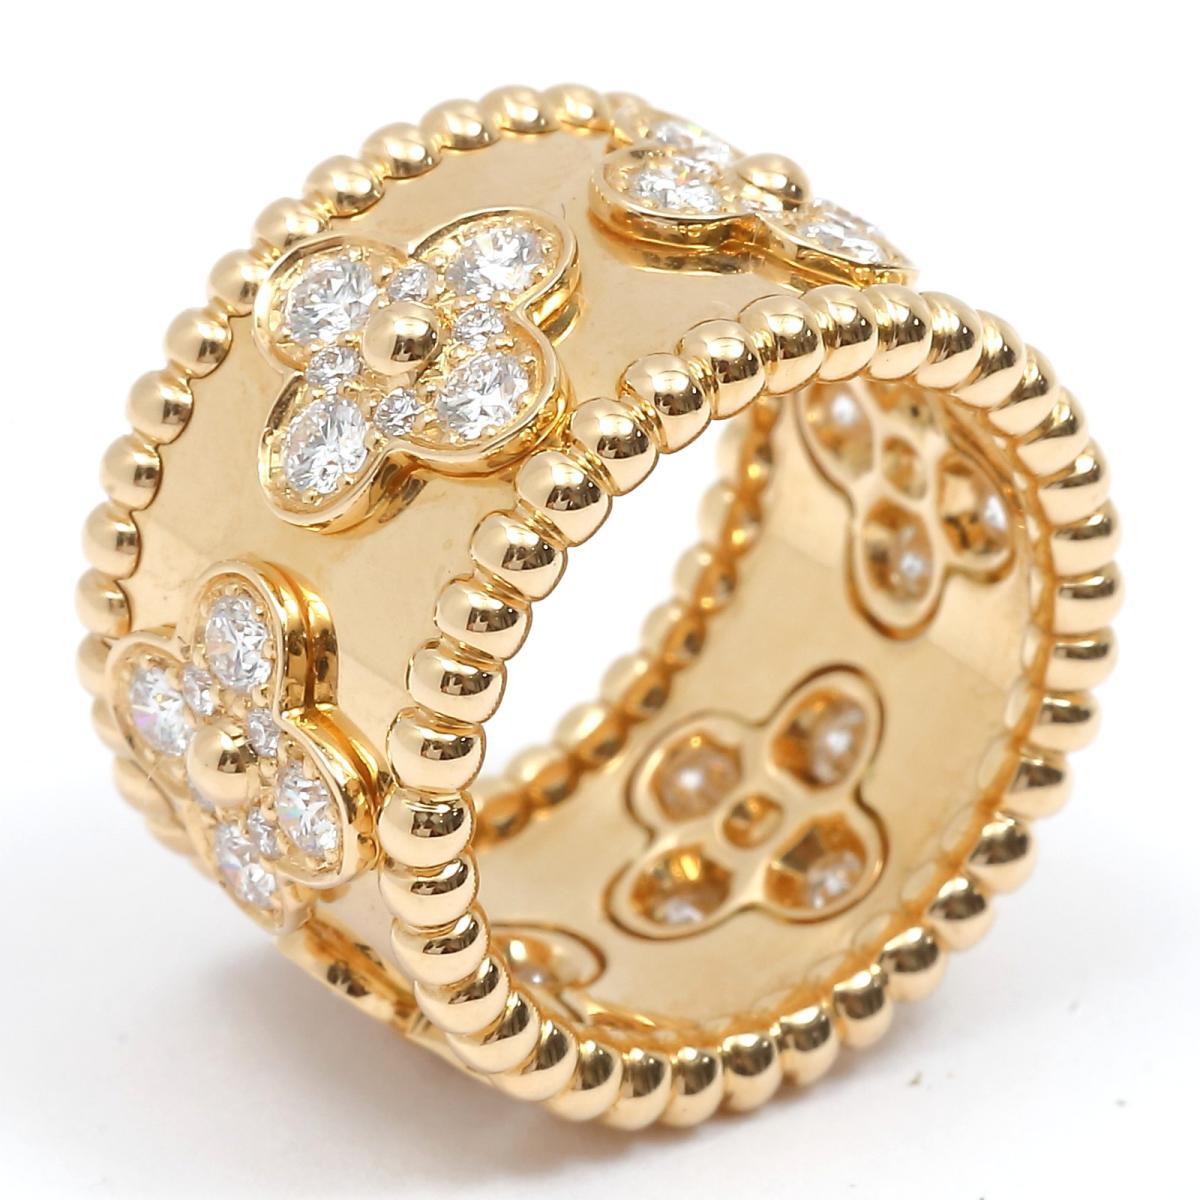 【中古】 ヴァンクリーフ&アーペル ペルレ クローバー ダイヤモンド リング 指輪 レディース K18YG (750) イエローゴールド x ダイヤモンド   Van Cleef & Arpels リング ペルレダイヤリング K18 18K 18金 美品 ブランドオフ BRANDOFF